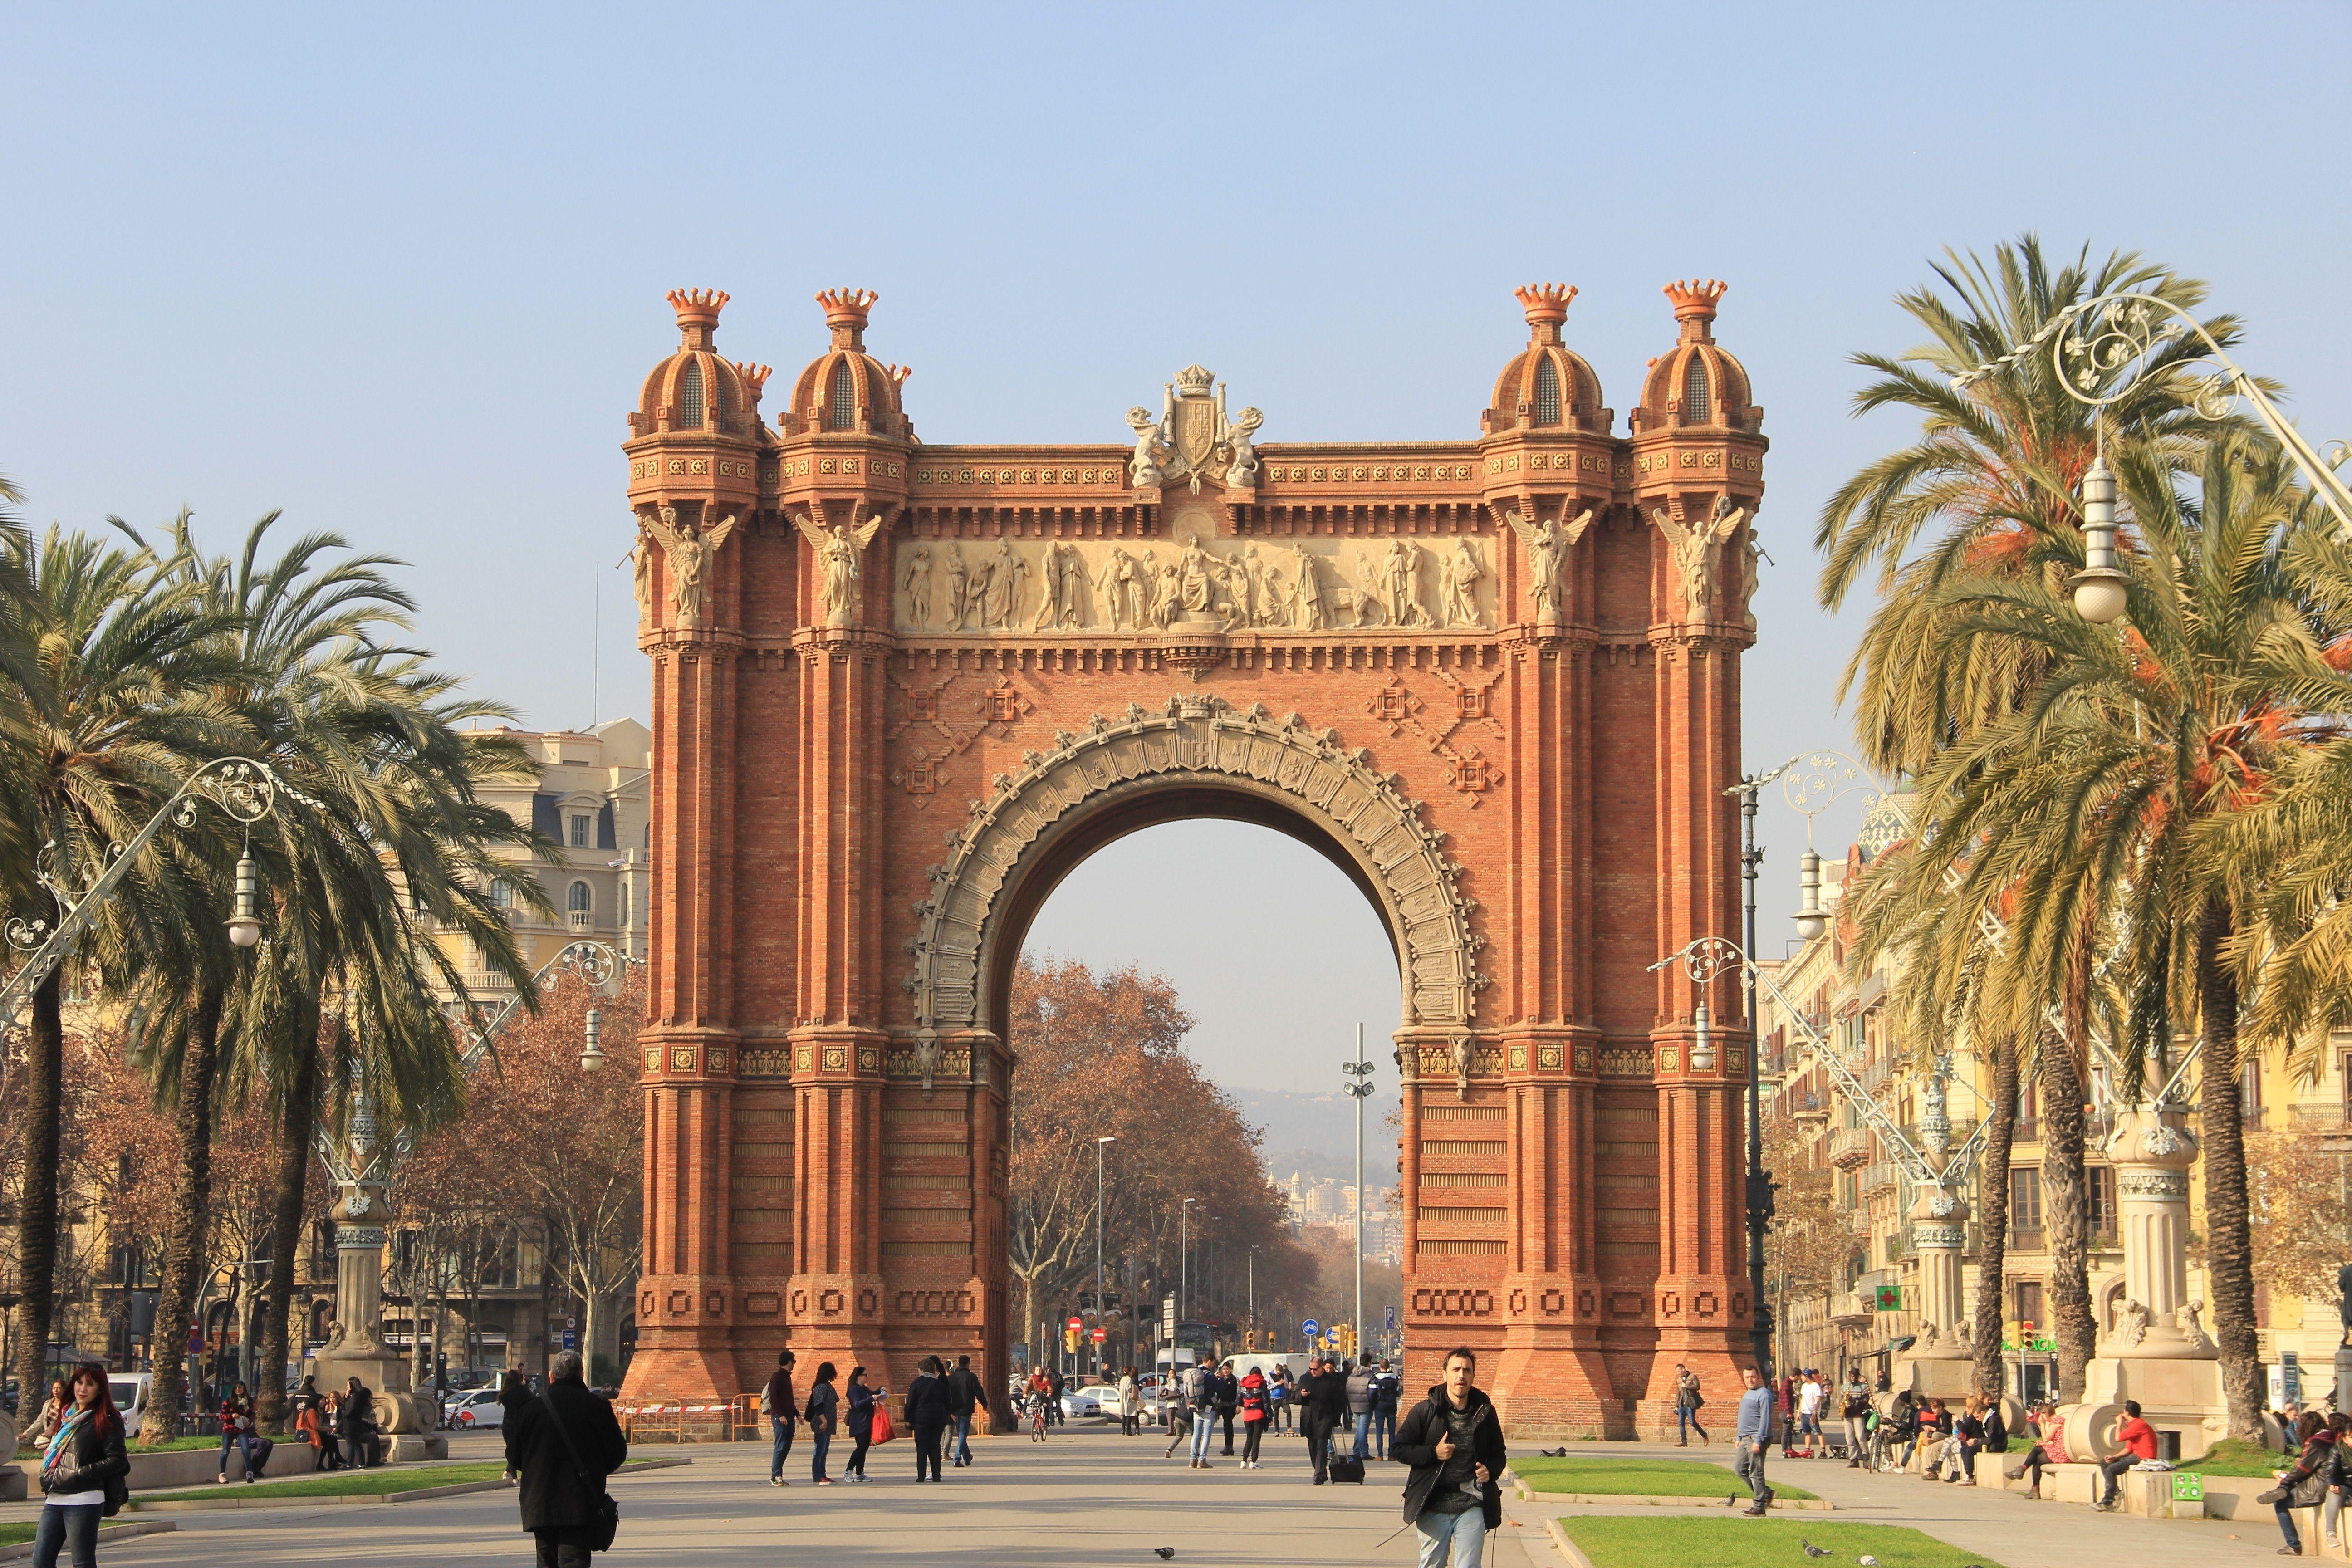 Pin De Laura Bacao Em Roteiros De Viagem Viagens Espanholas Espanha Pontos Turisticos Ponto Turistico